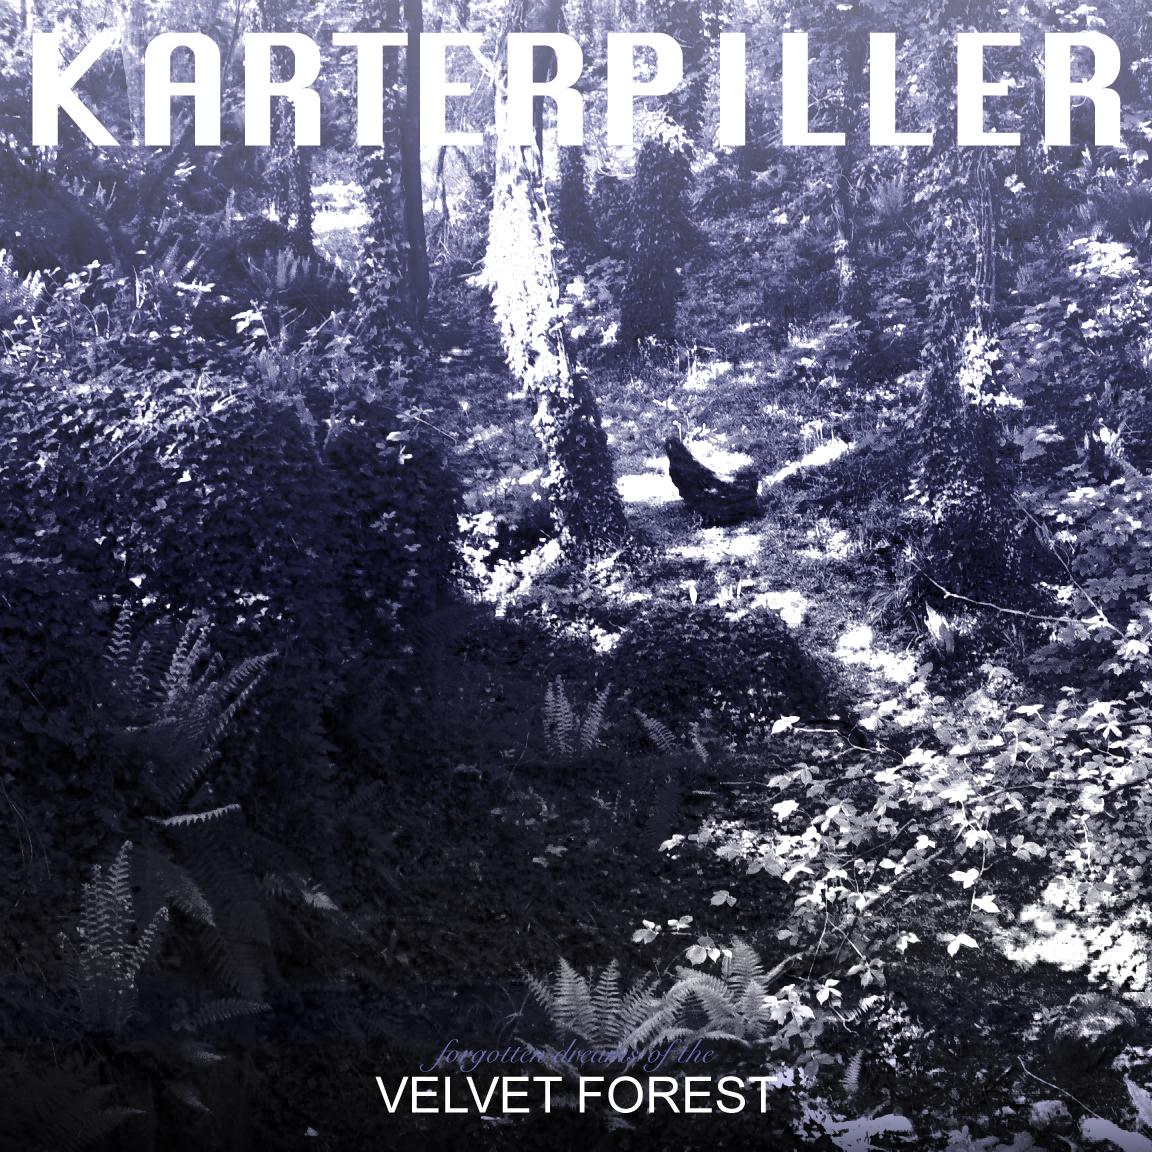 Forgotten Dreams of the velvet forest4.jpg